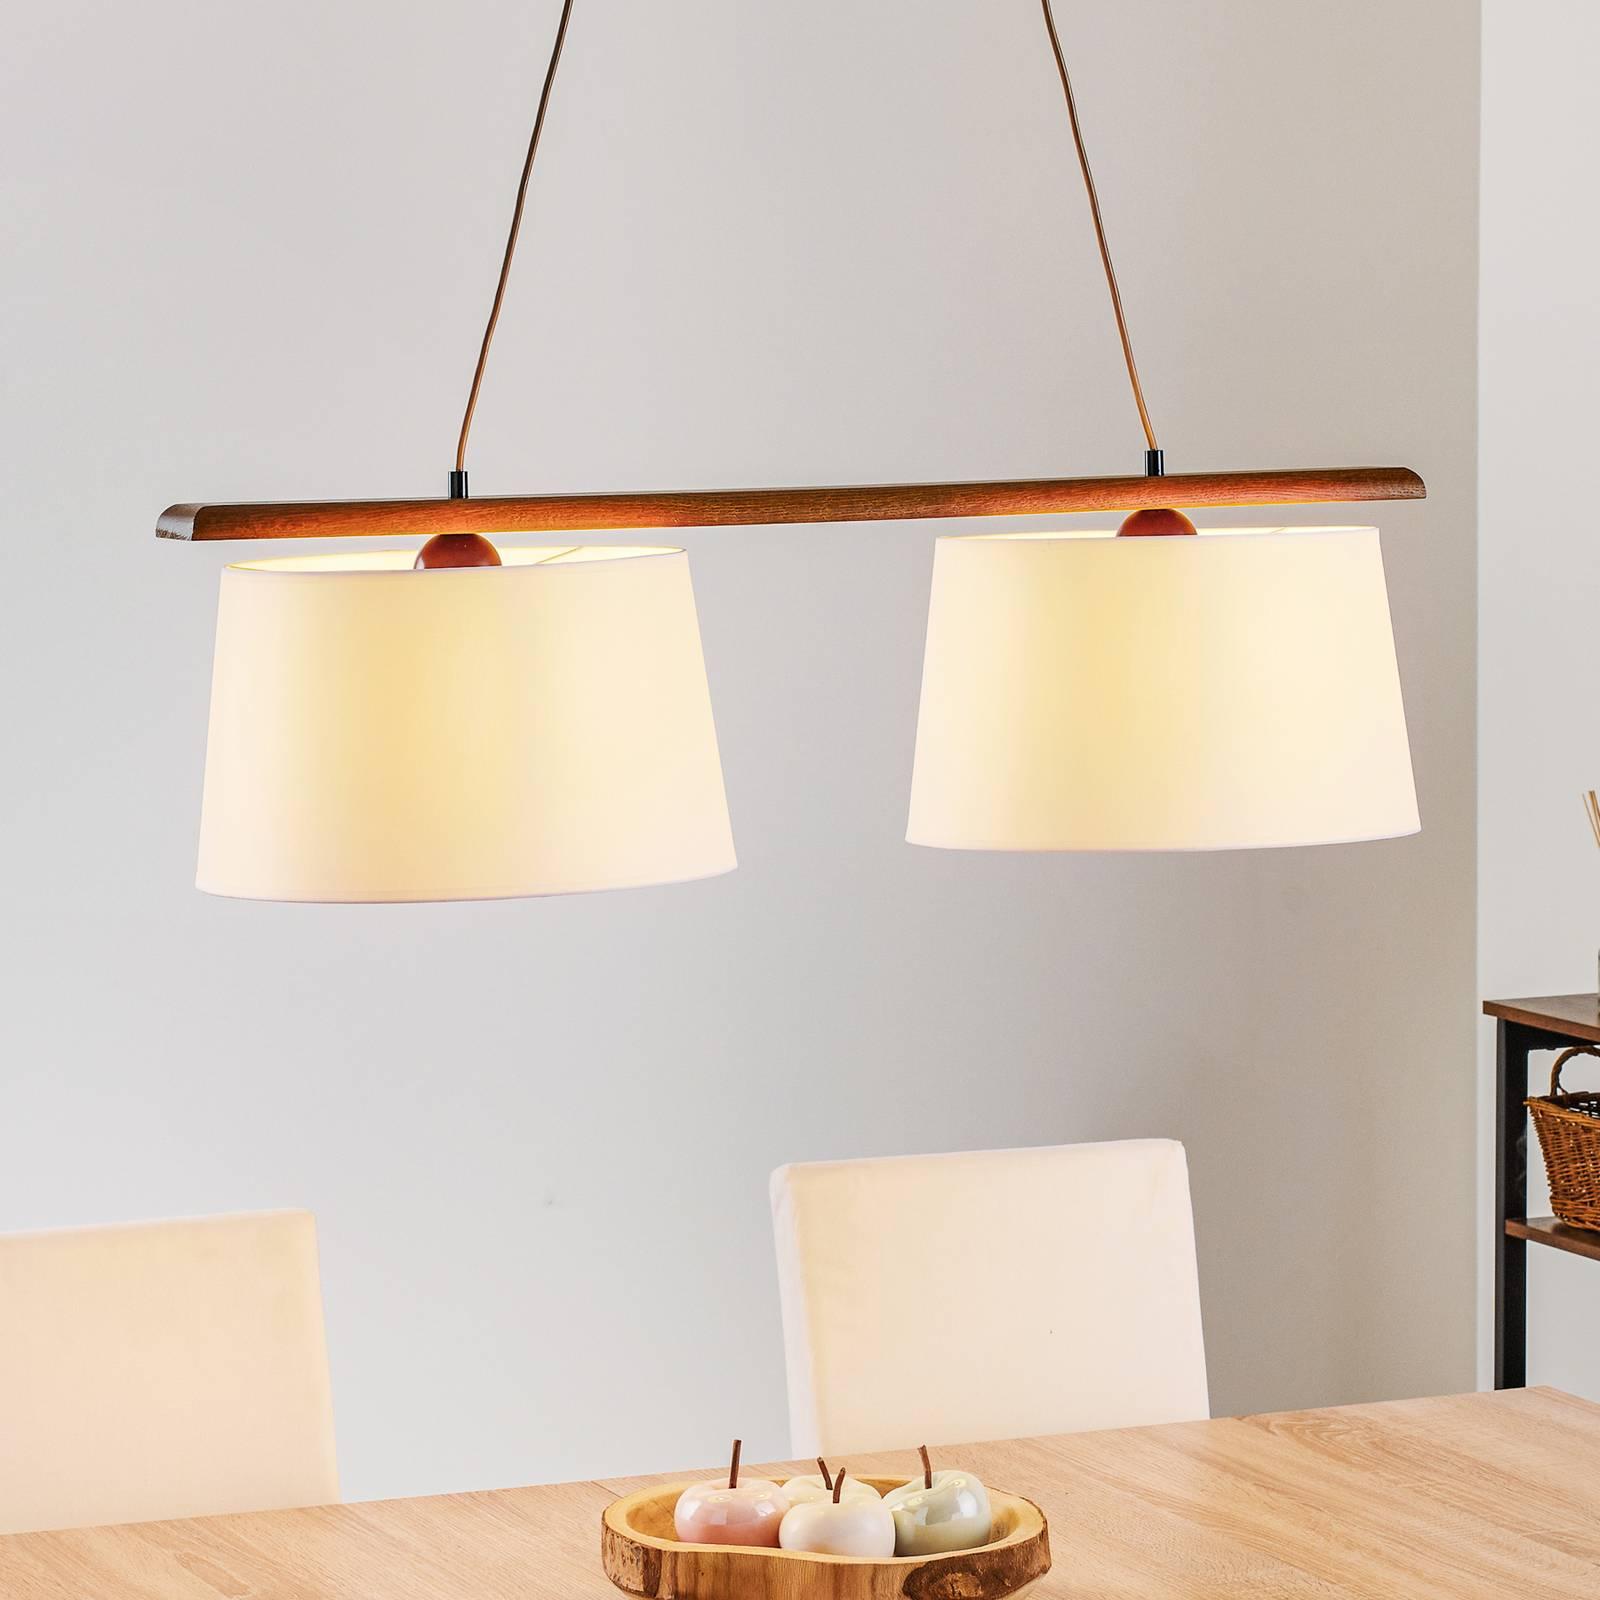 Riippuvalo Sweden 2-lamppuinen, rustiikkinen tammi